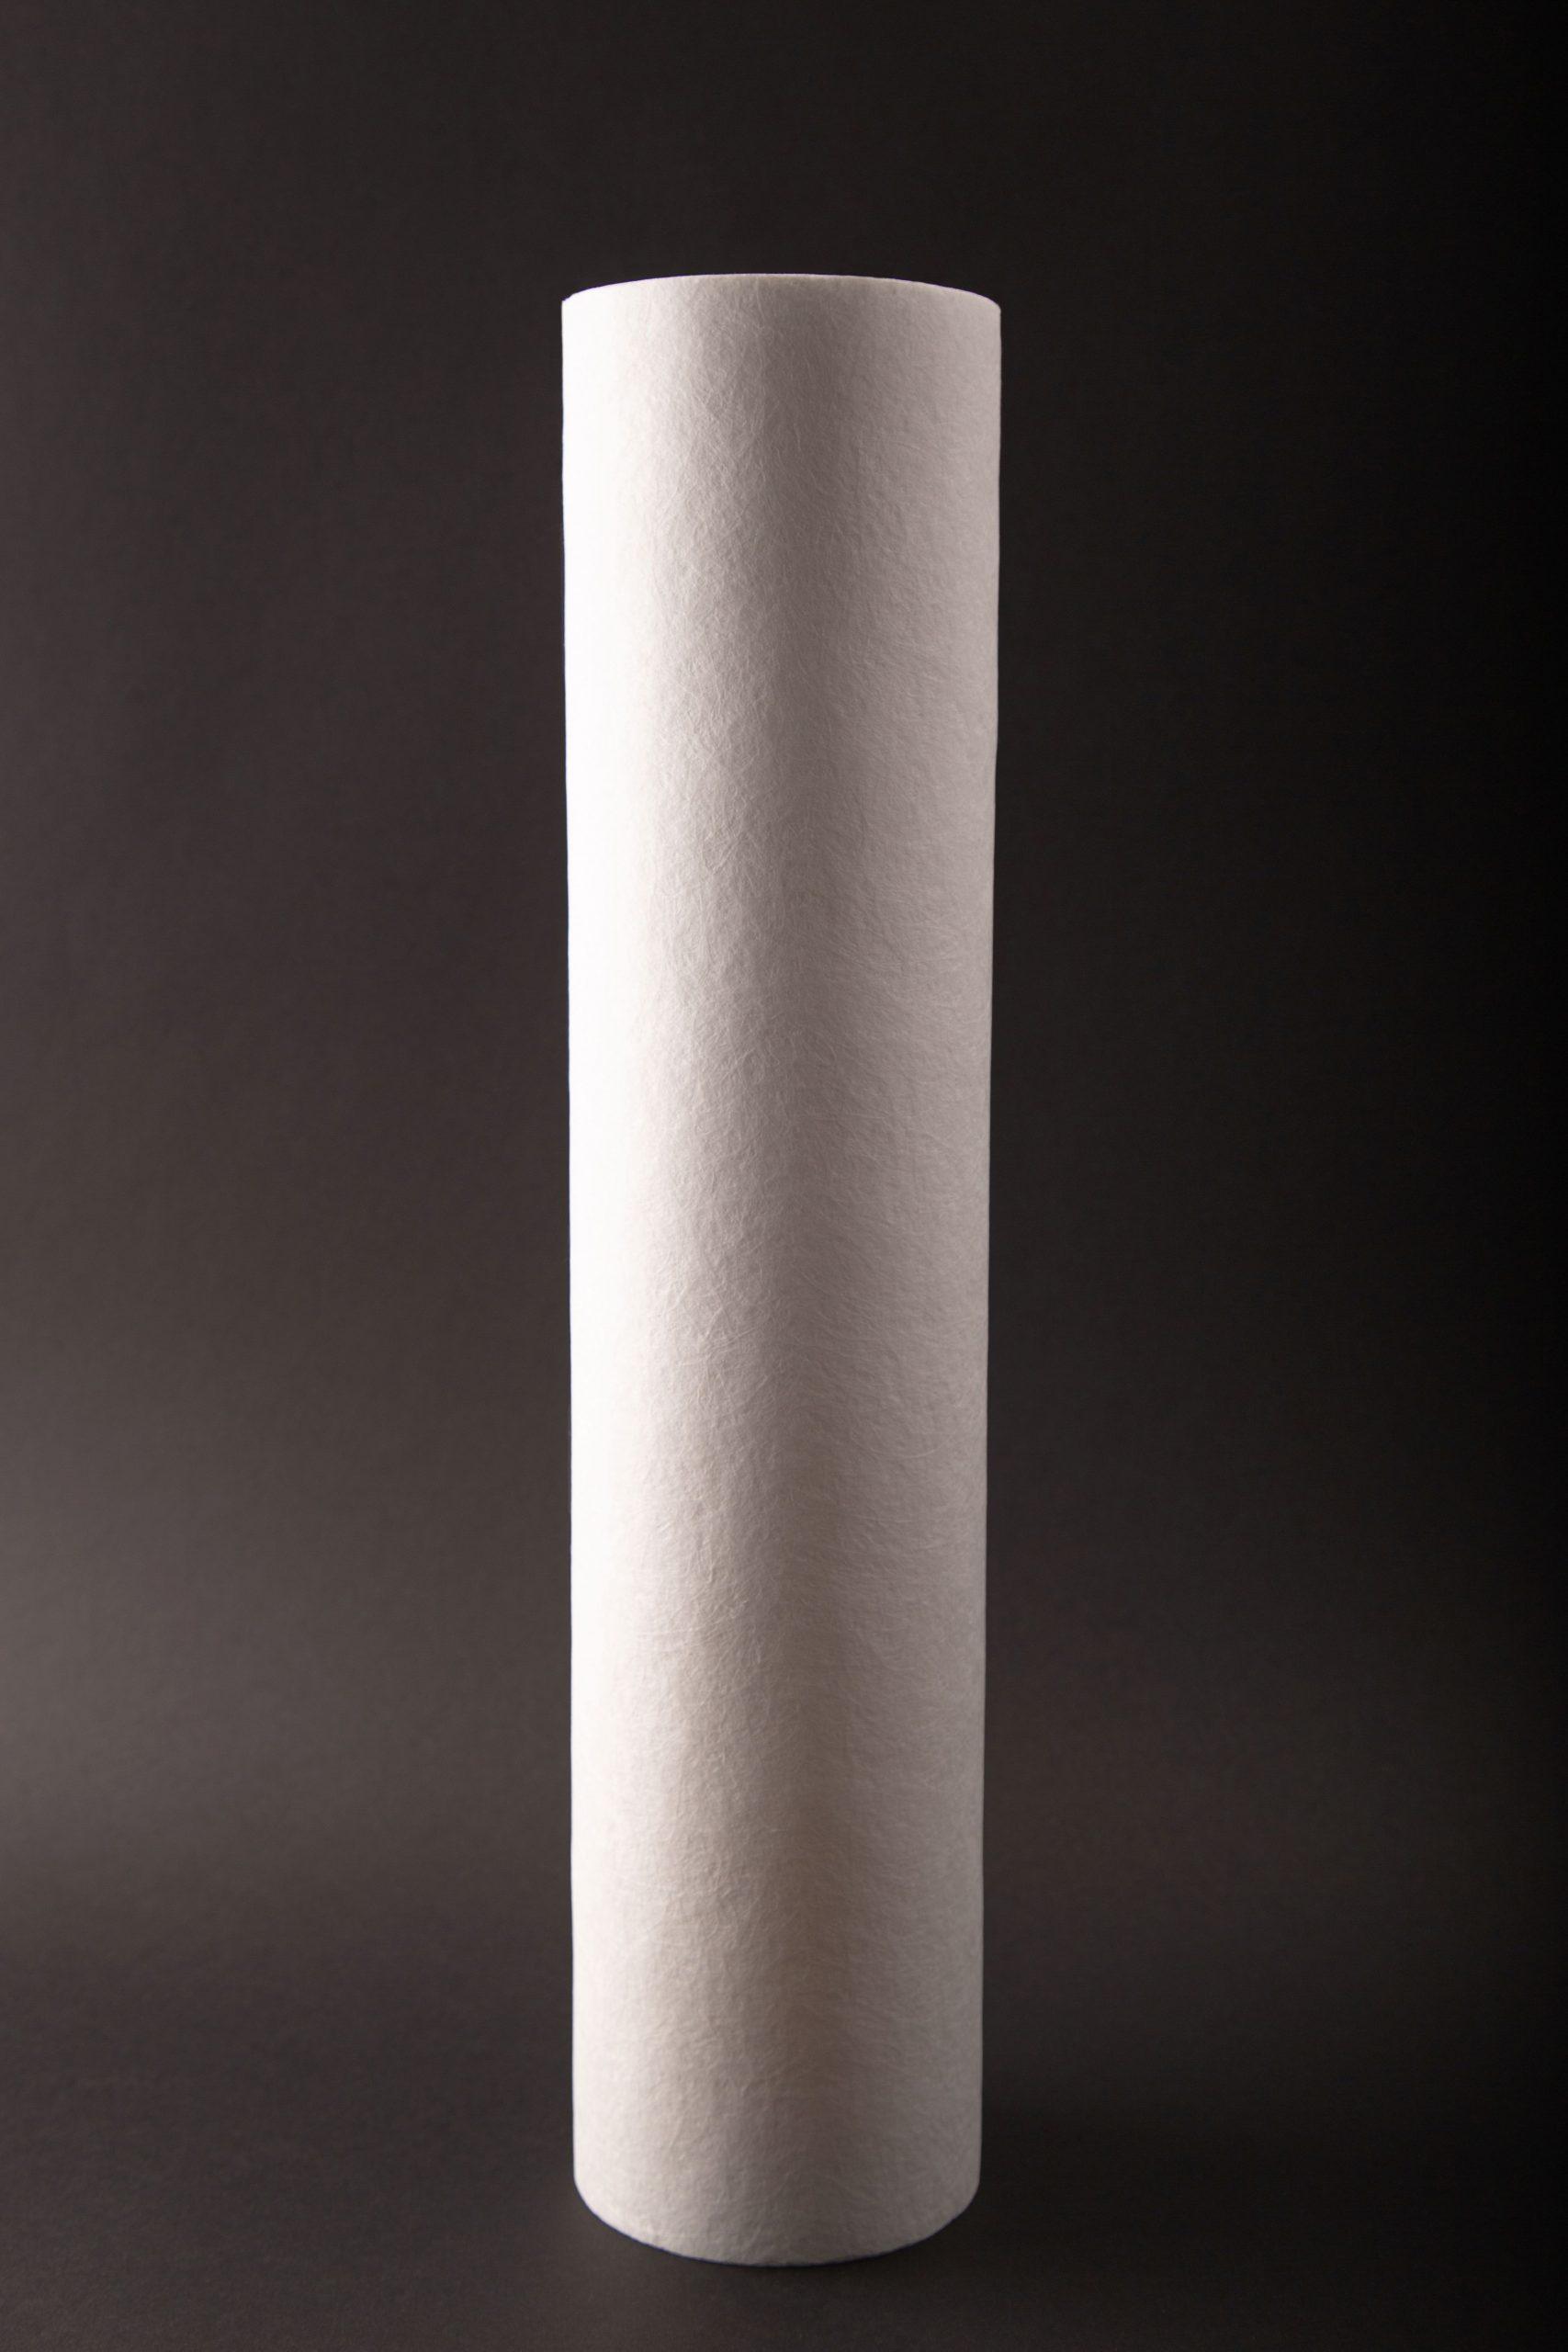 Картридж PP20B полипропиленовый (высота 508 мм)